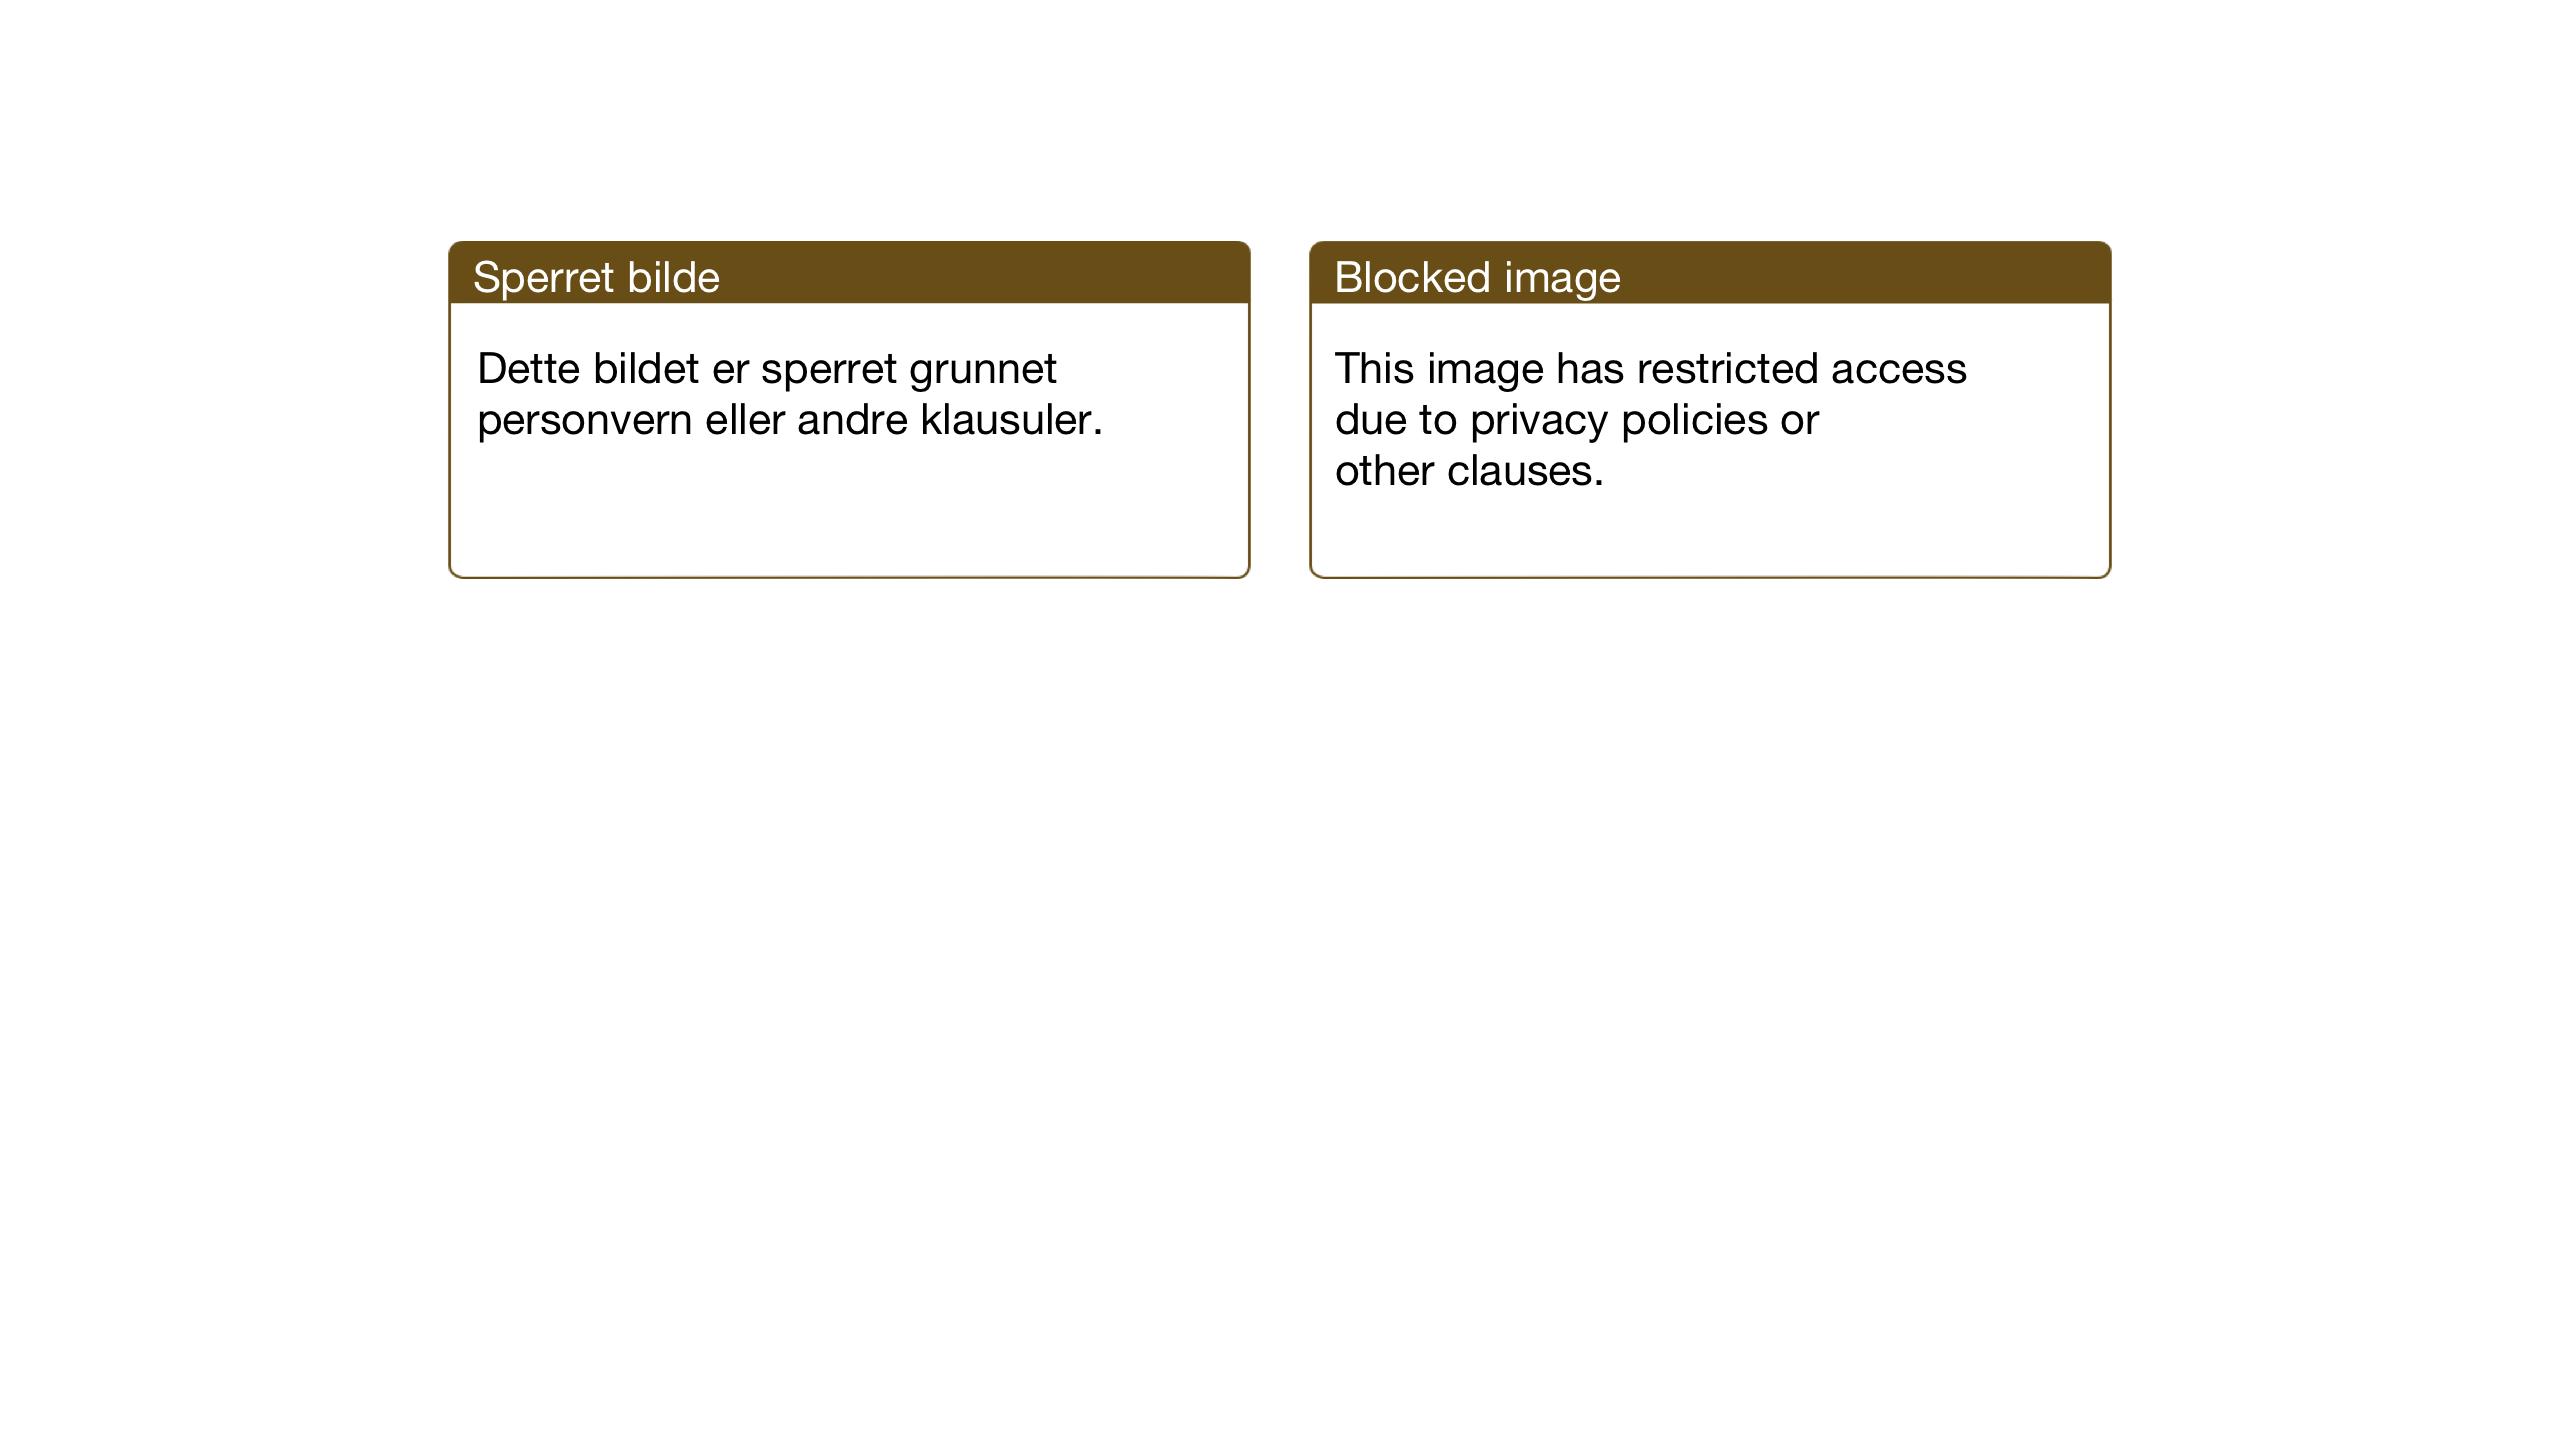 SAT, Ministerialprotokoller, klokkerbøker og fødselsregistre - Sør-Trøndelag, 630/L0508: Klokkerbok nr. 630C06, 1933-1950, s. 57